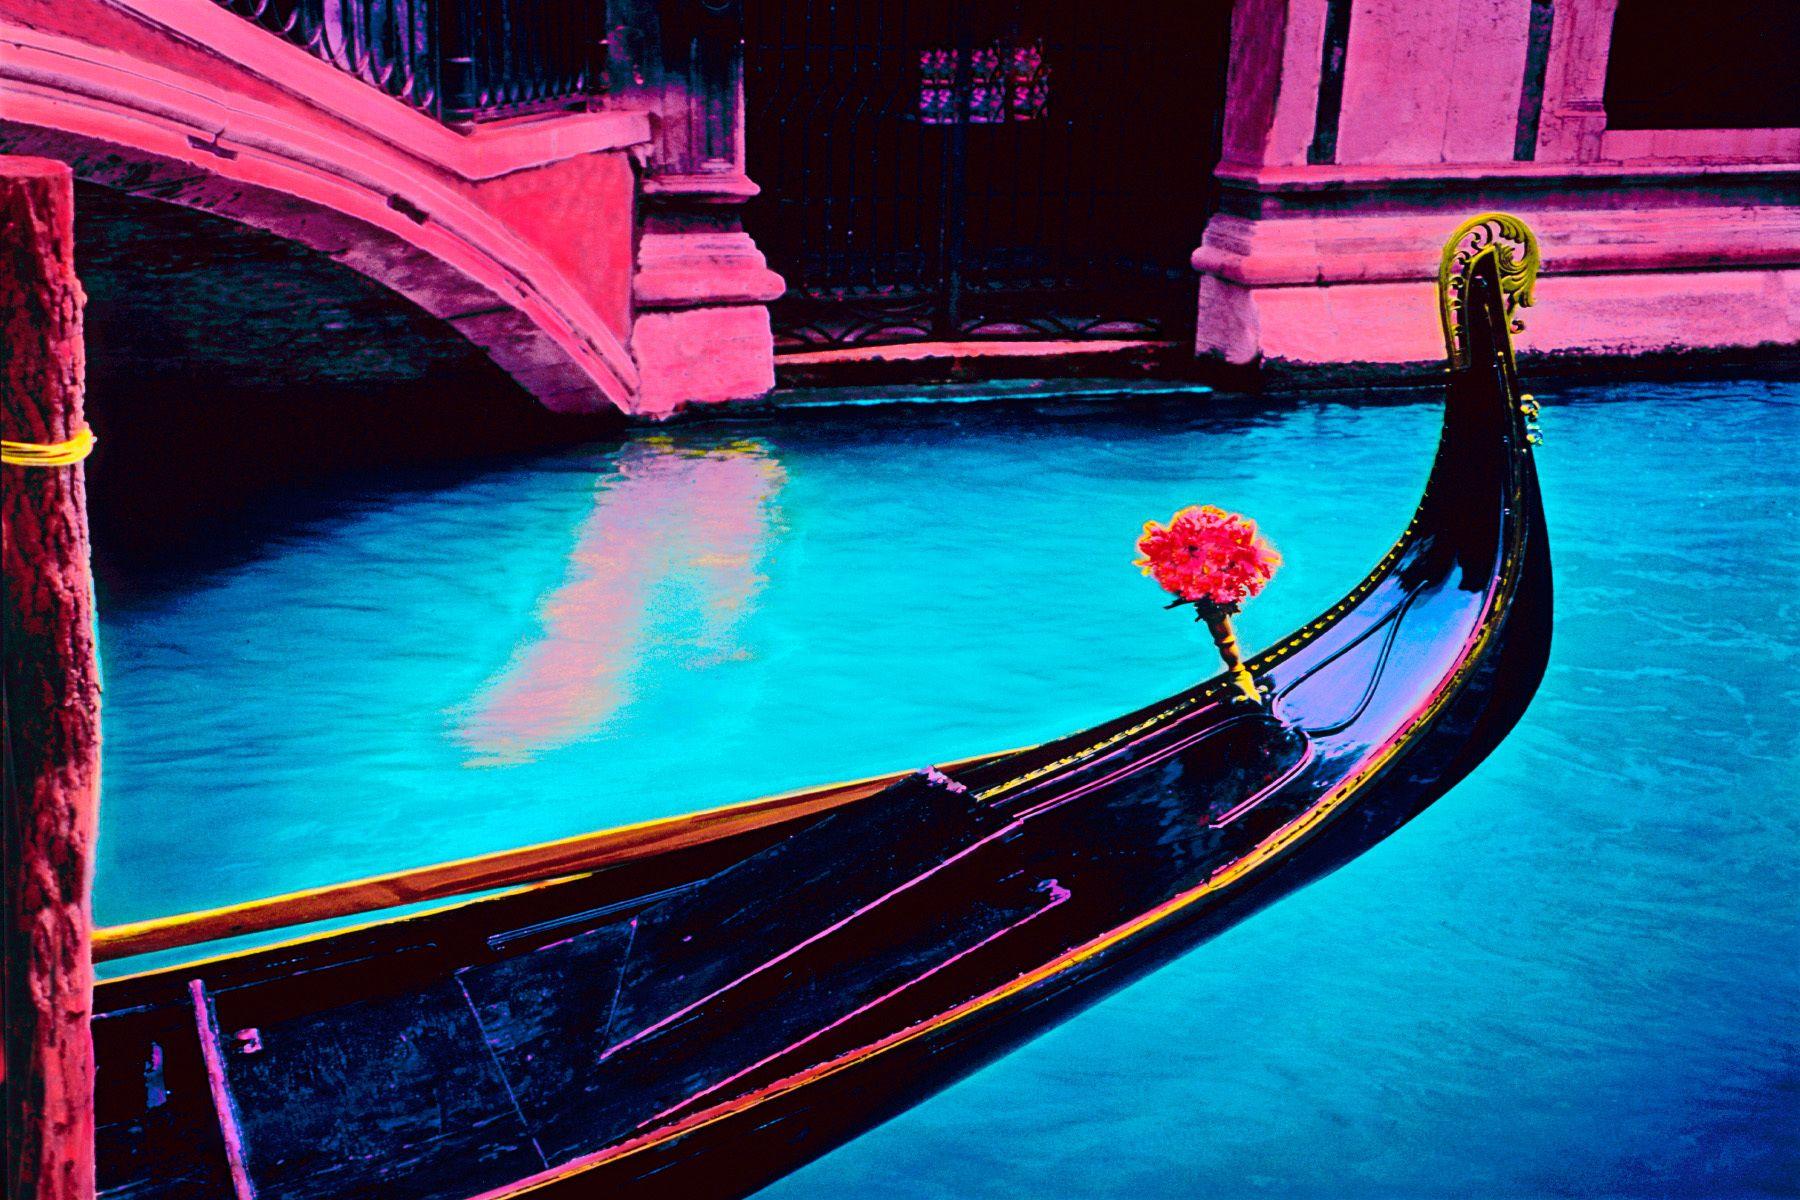 16_0_135_1i_janegottlieb_venice_gondola.jpg